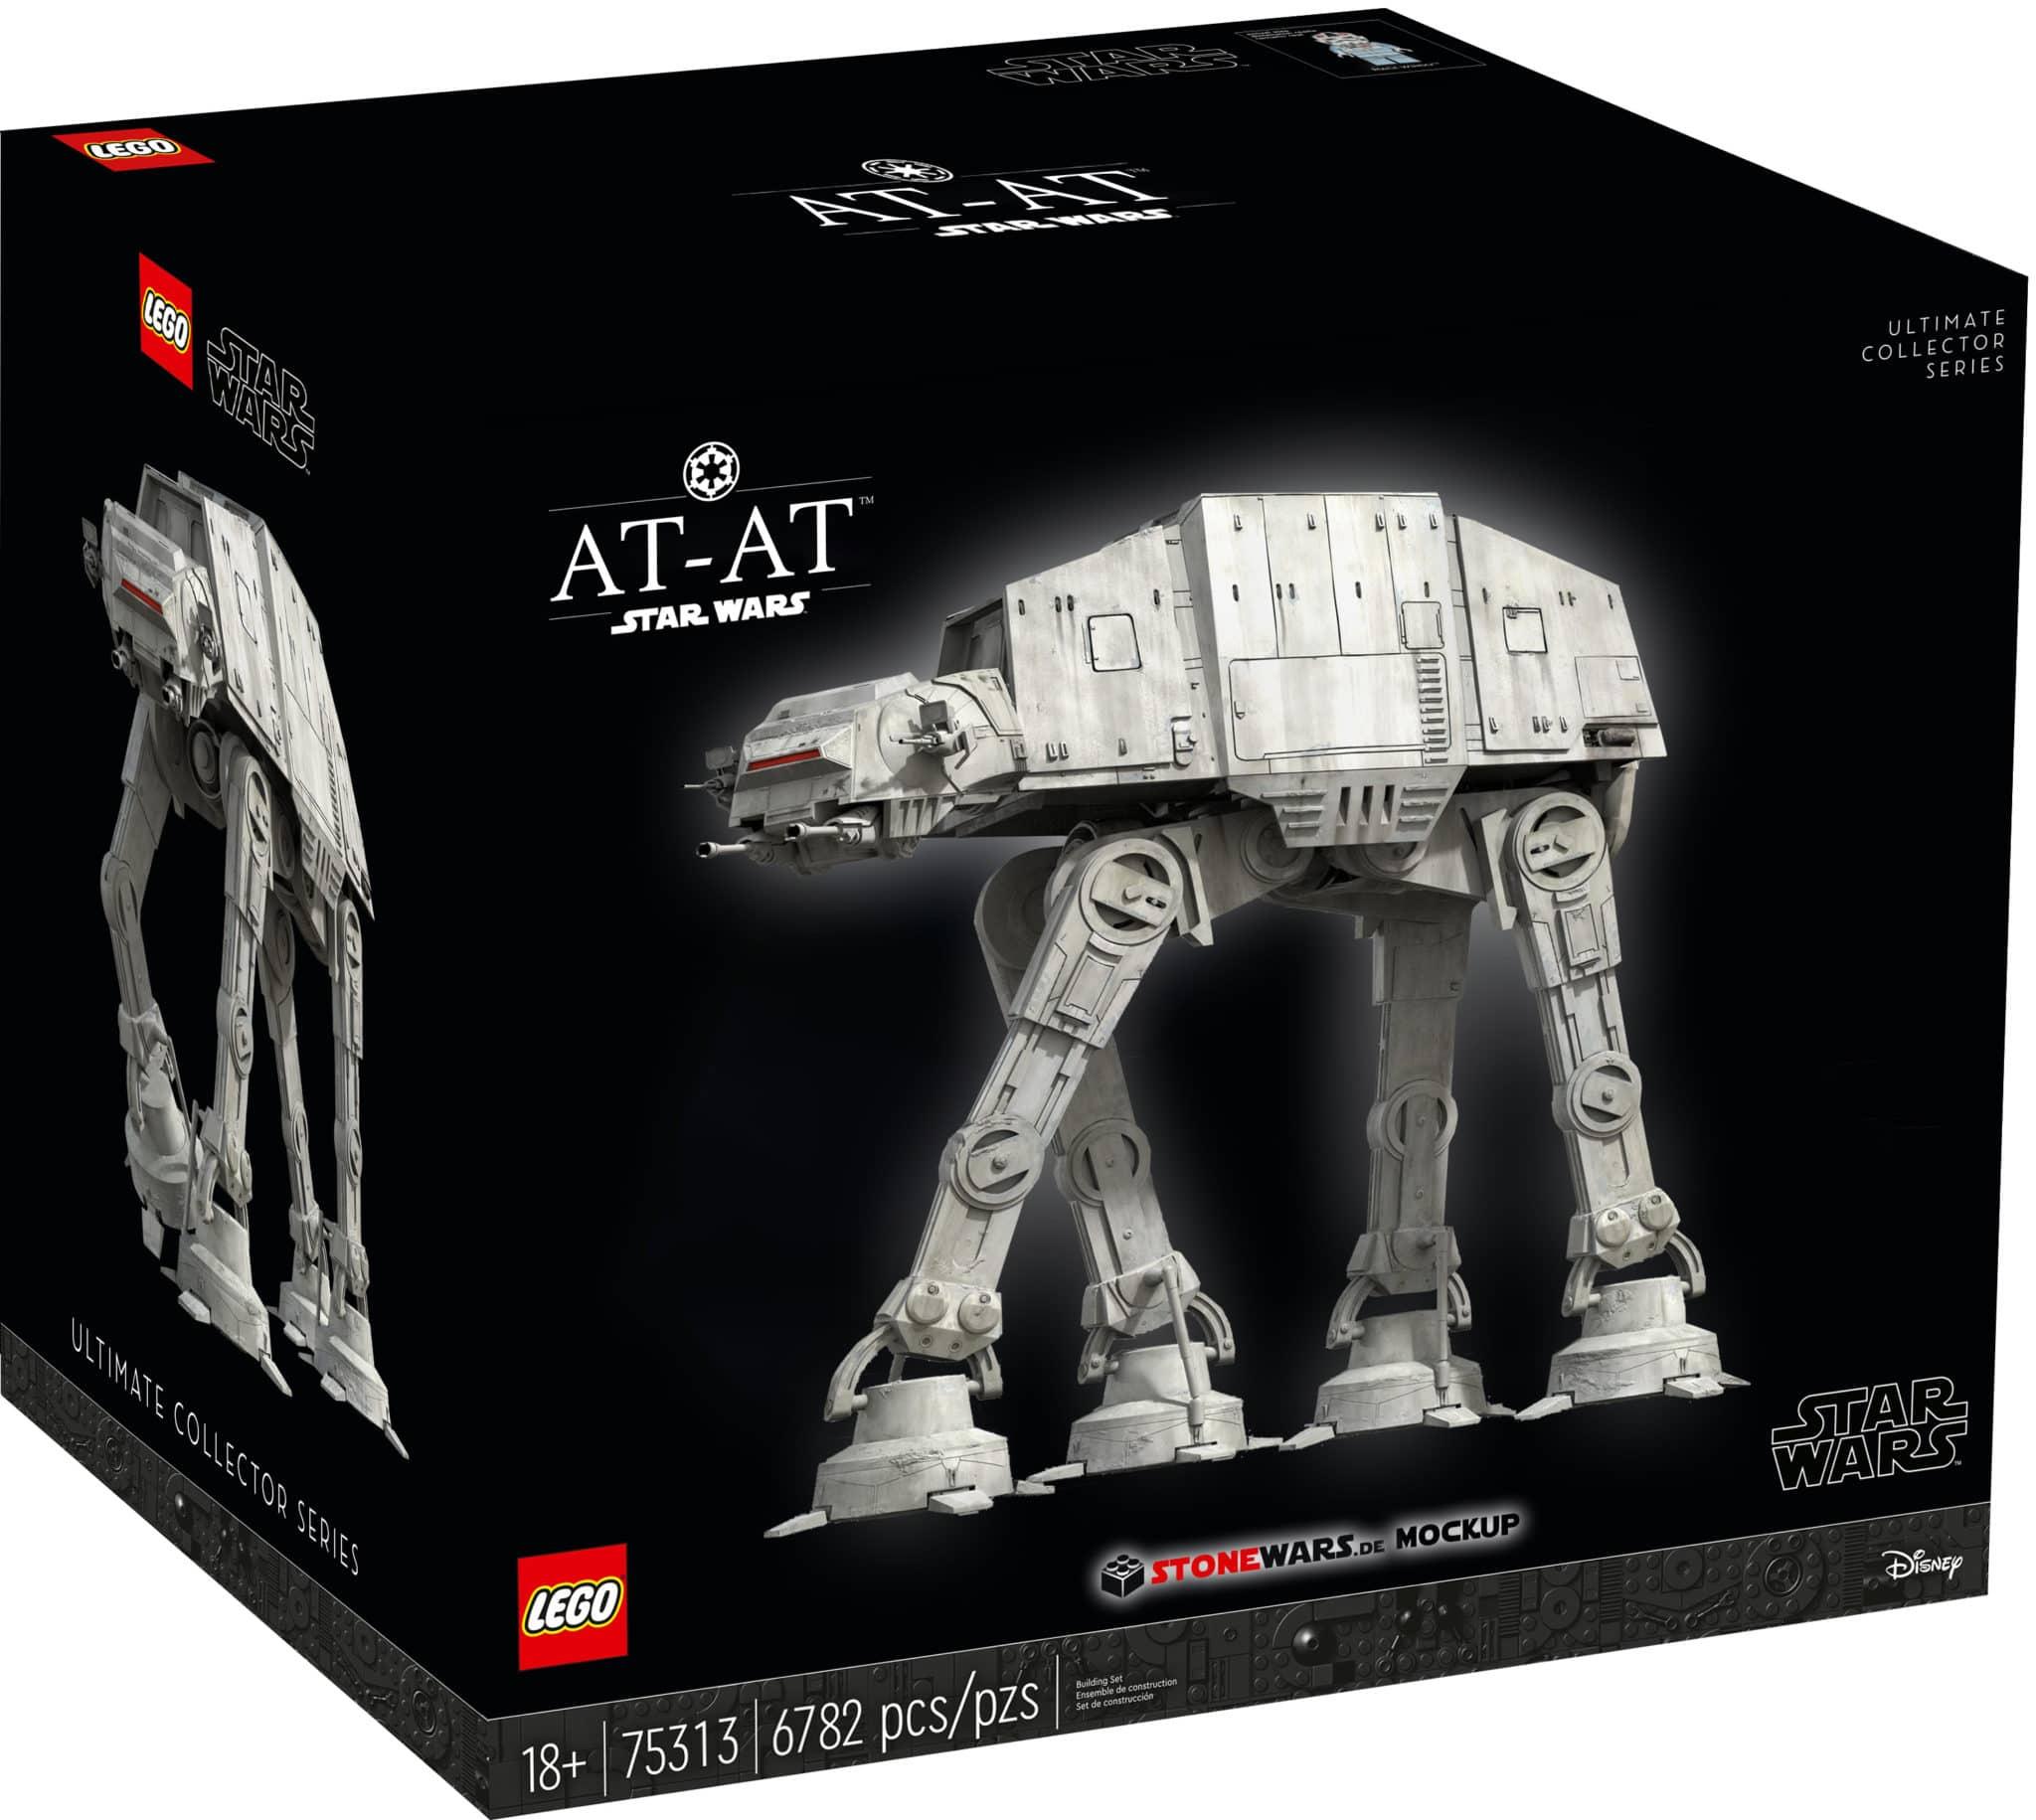 LEGO Star Wars 75313 At At Karton Mockup